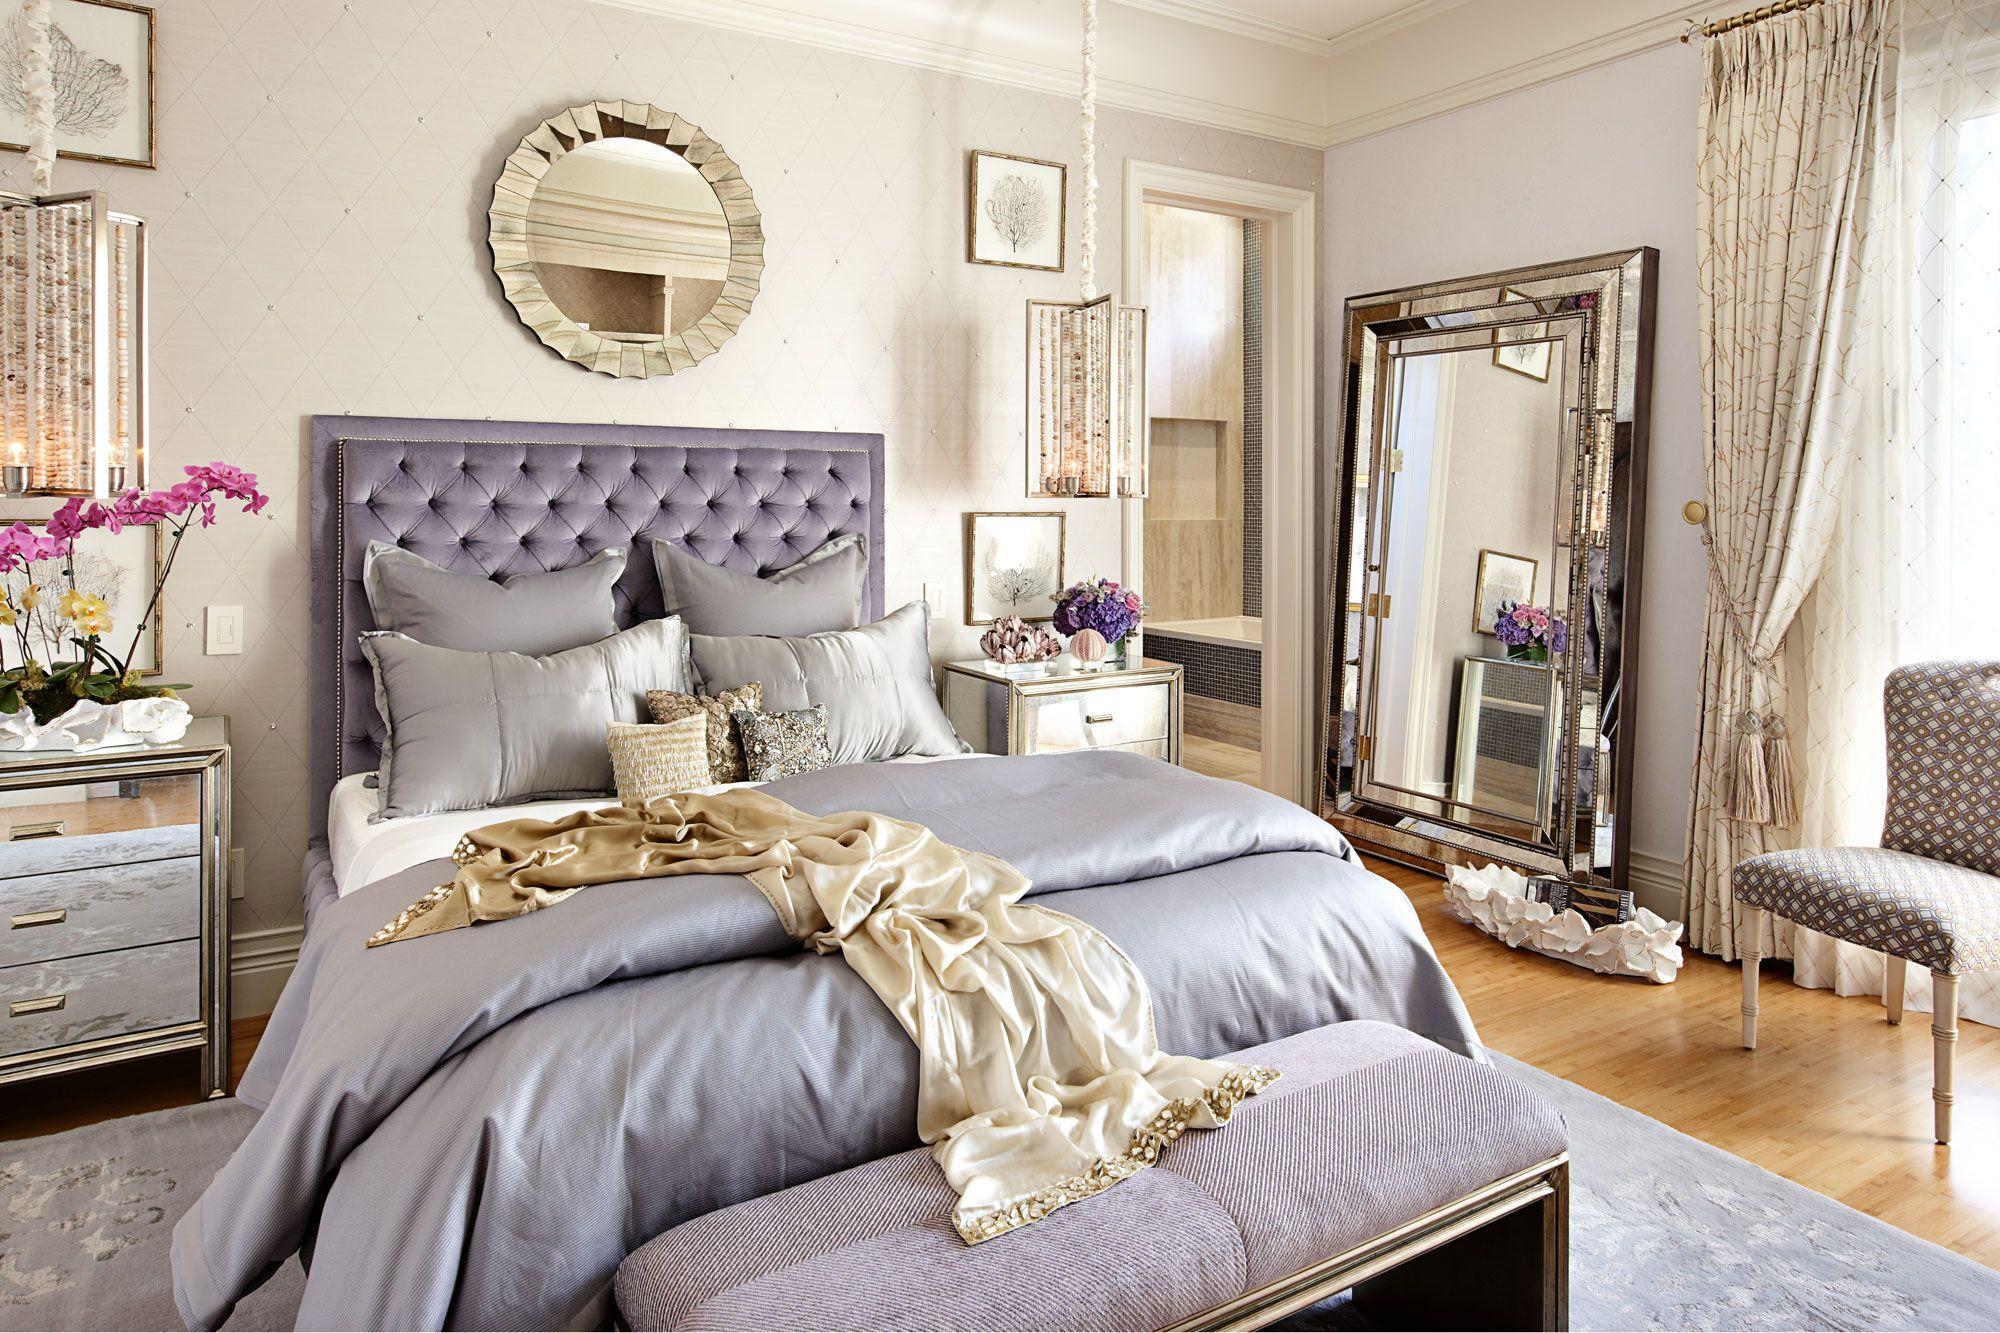 Ensemble de couchage dans la chambre, décoré dans un style classique moderne